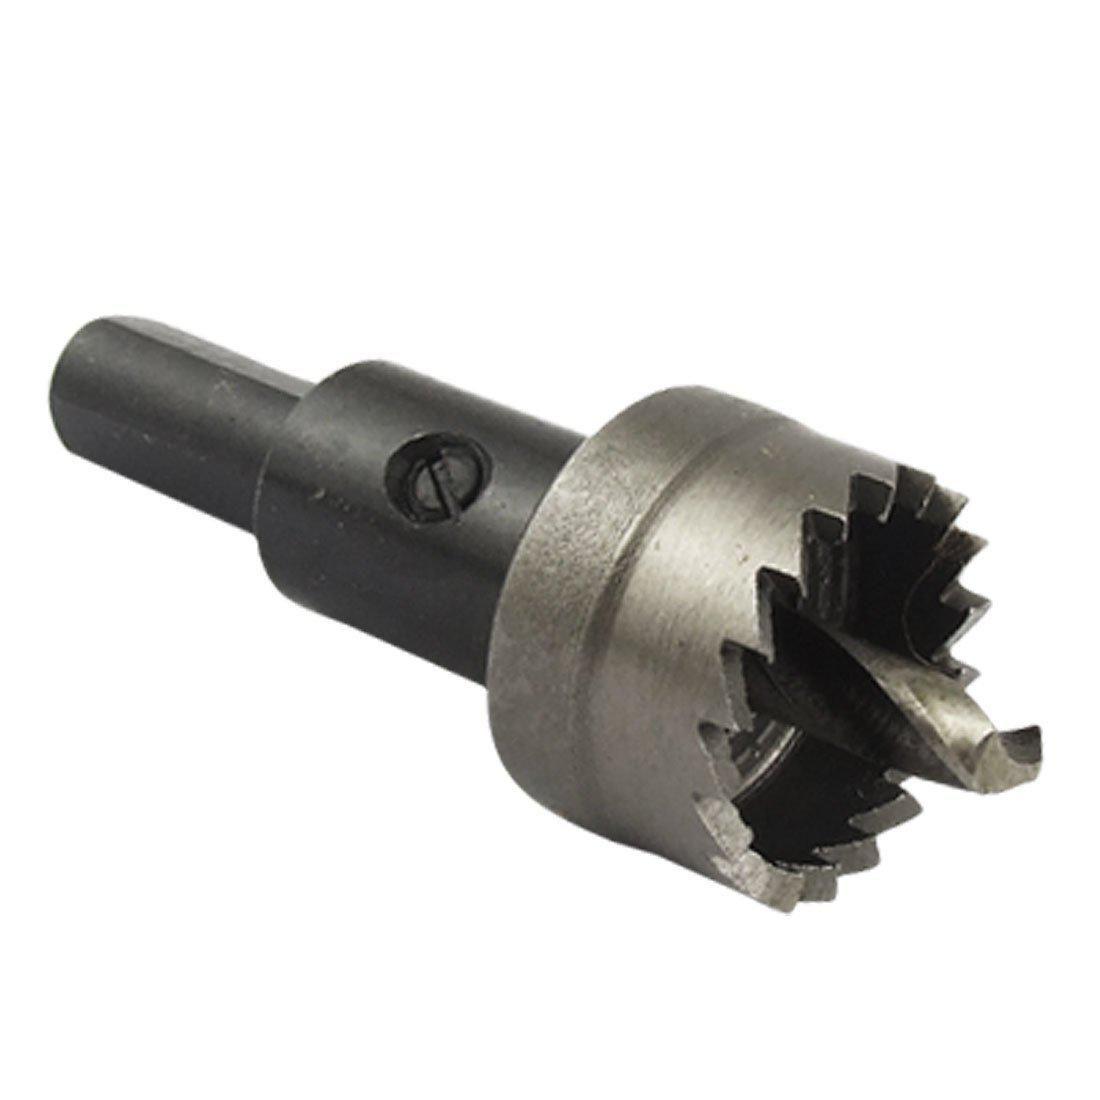 Useful A11060300ux0053 Metal Twist Drill Bit Hole Saw Plate Cutter 24mm Us 2 54 Drill Bits Twist Drill Bits Hole Saw